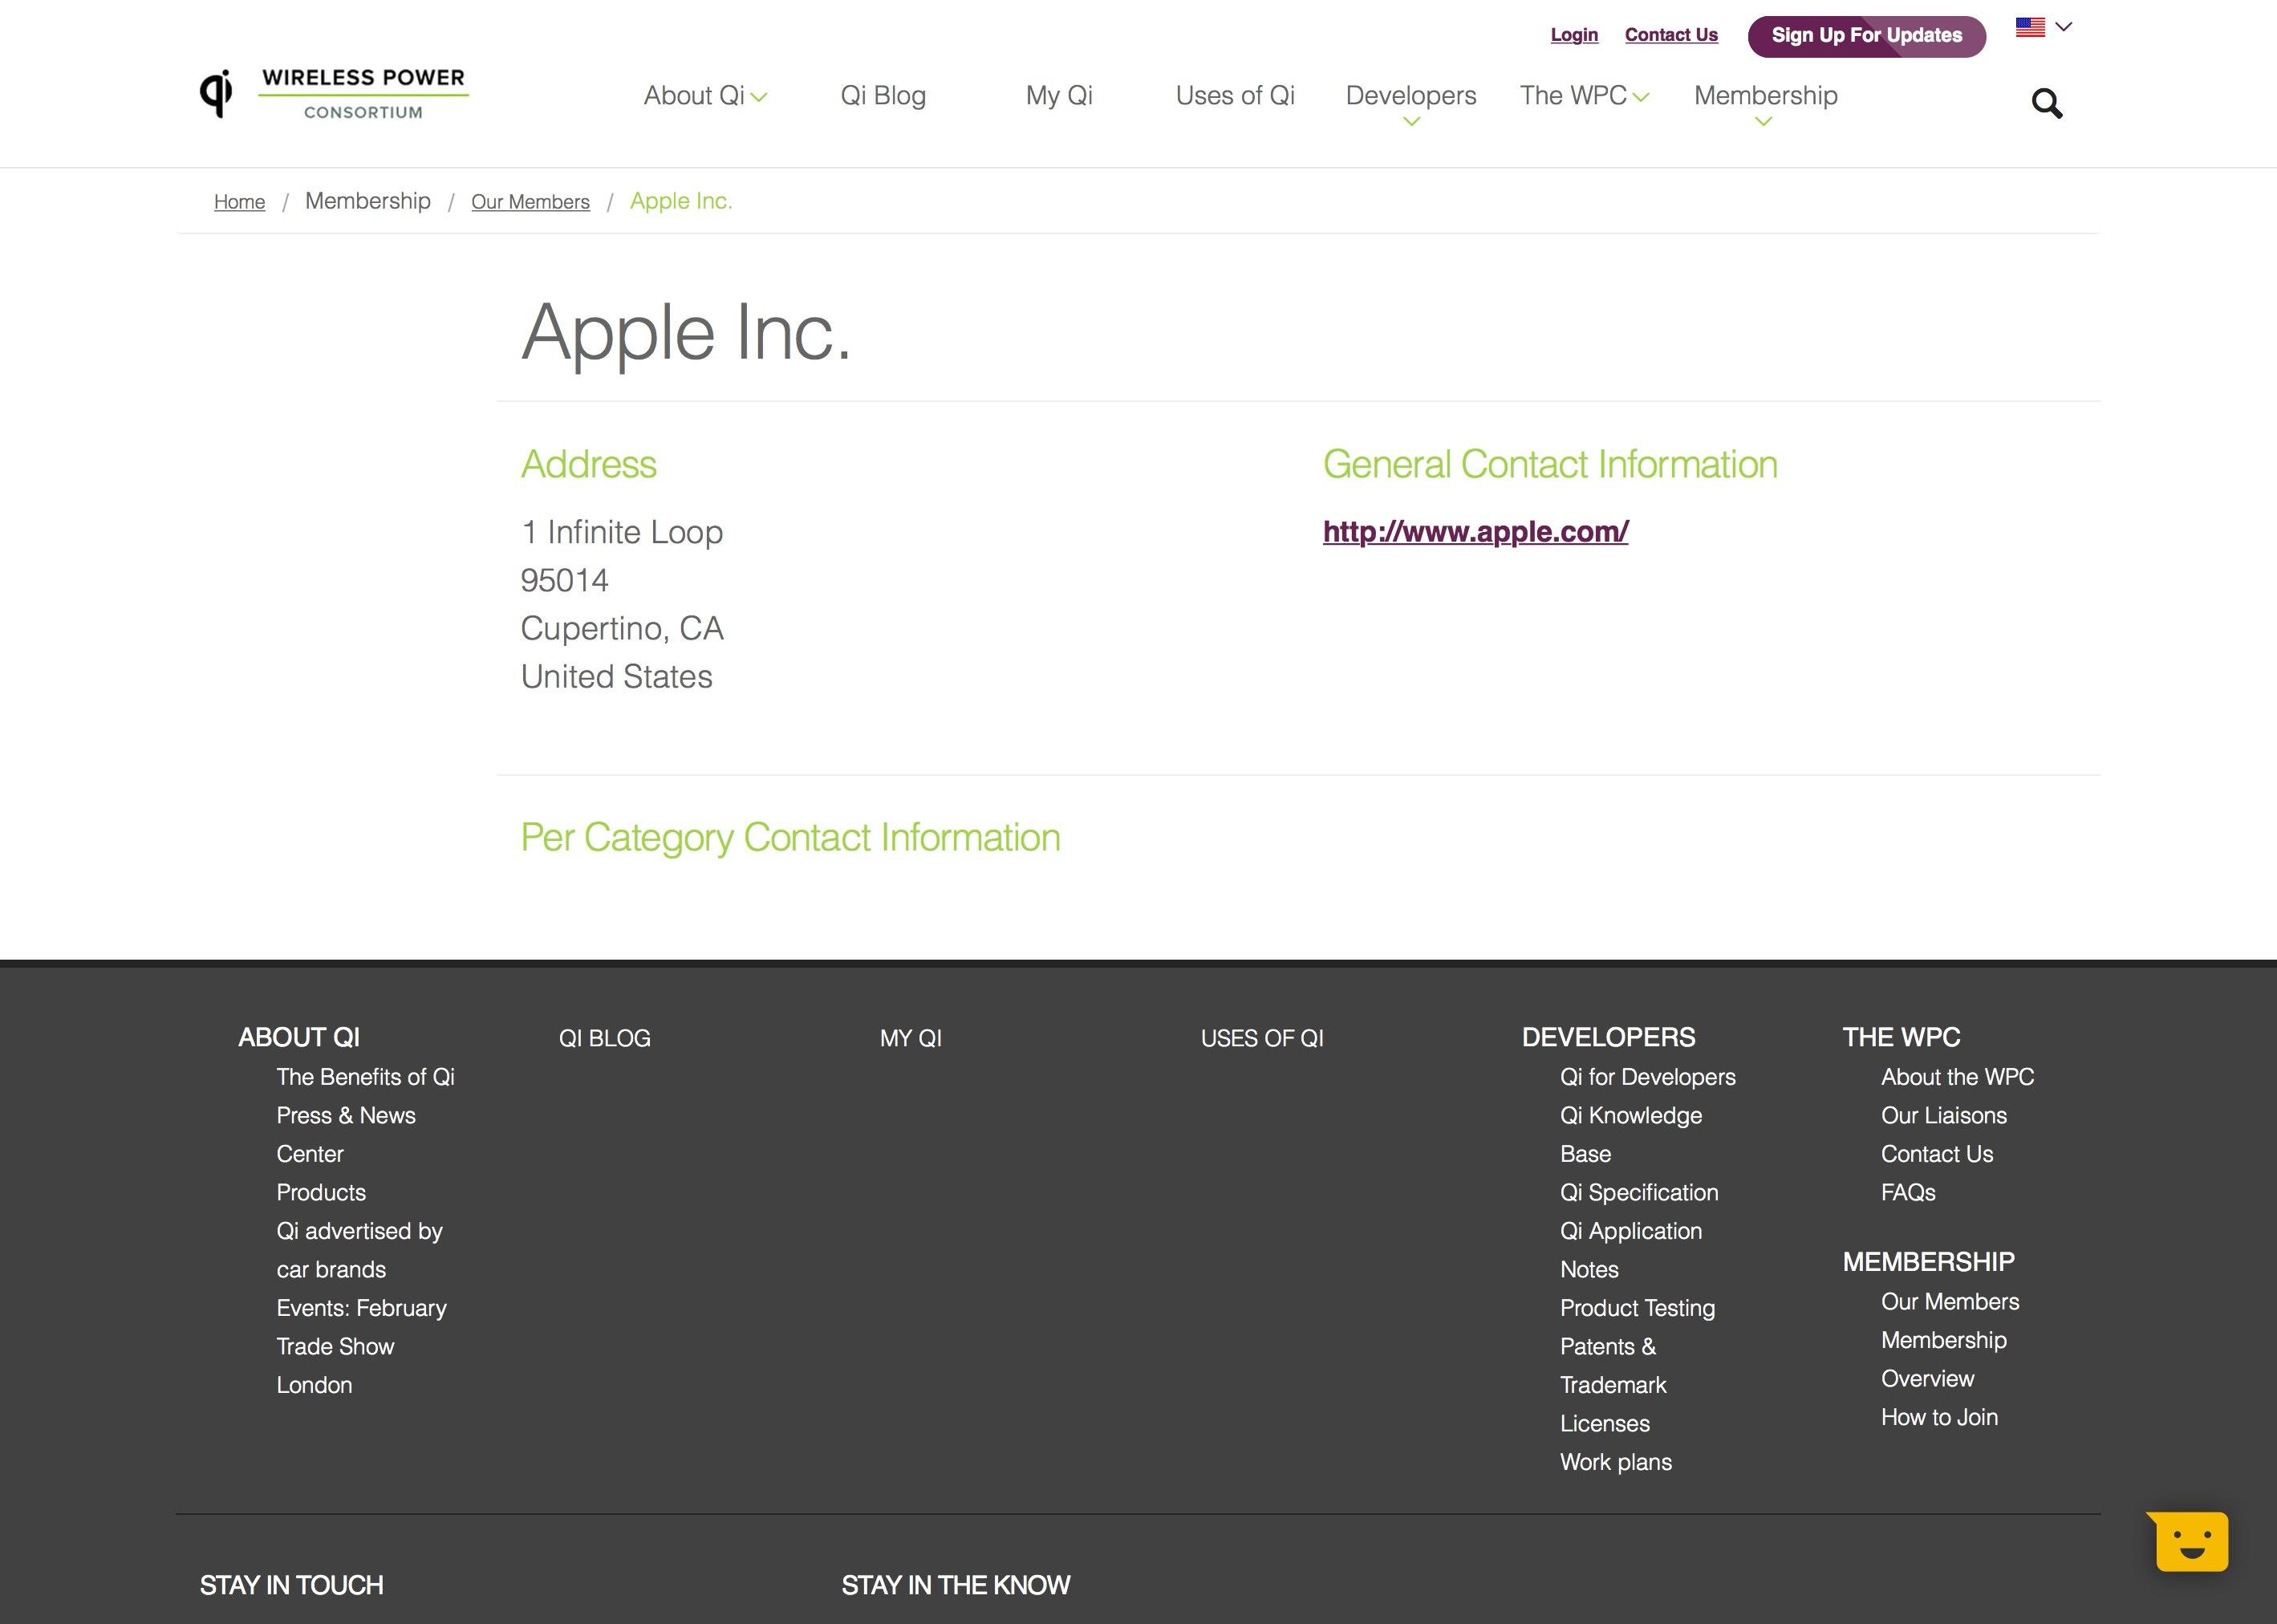 Apple na lista do Consórcio de Carregamento Sem Fio